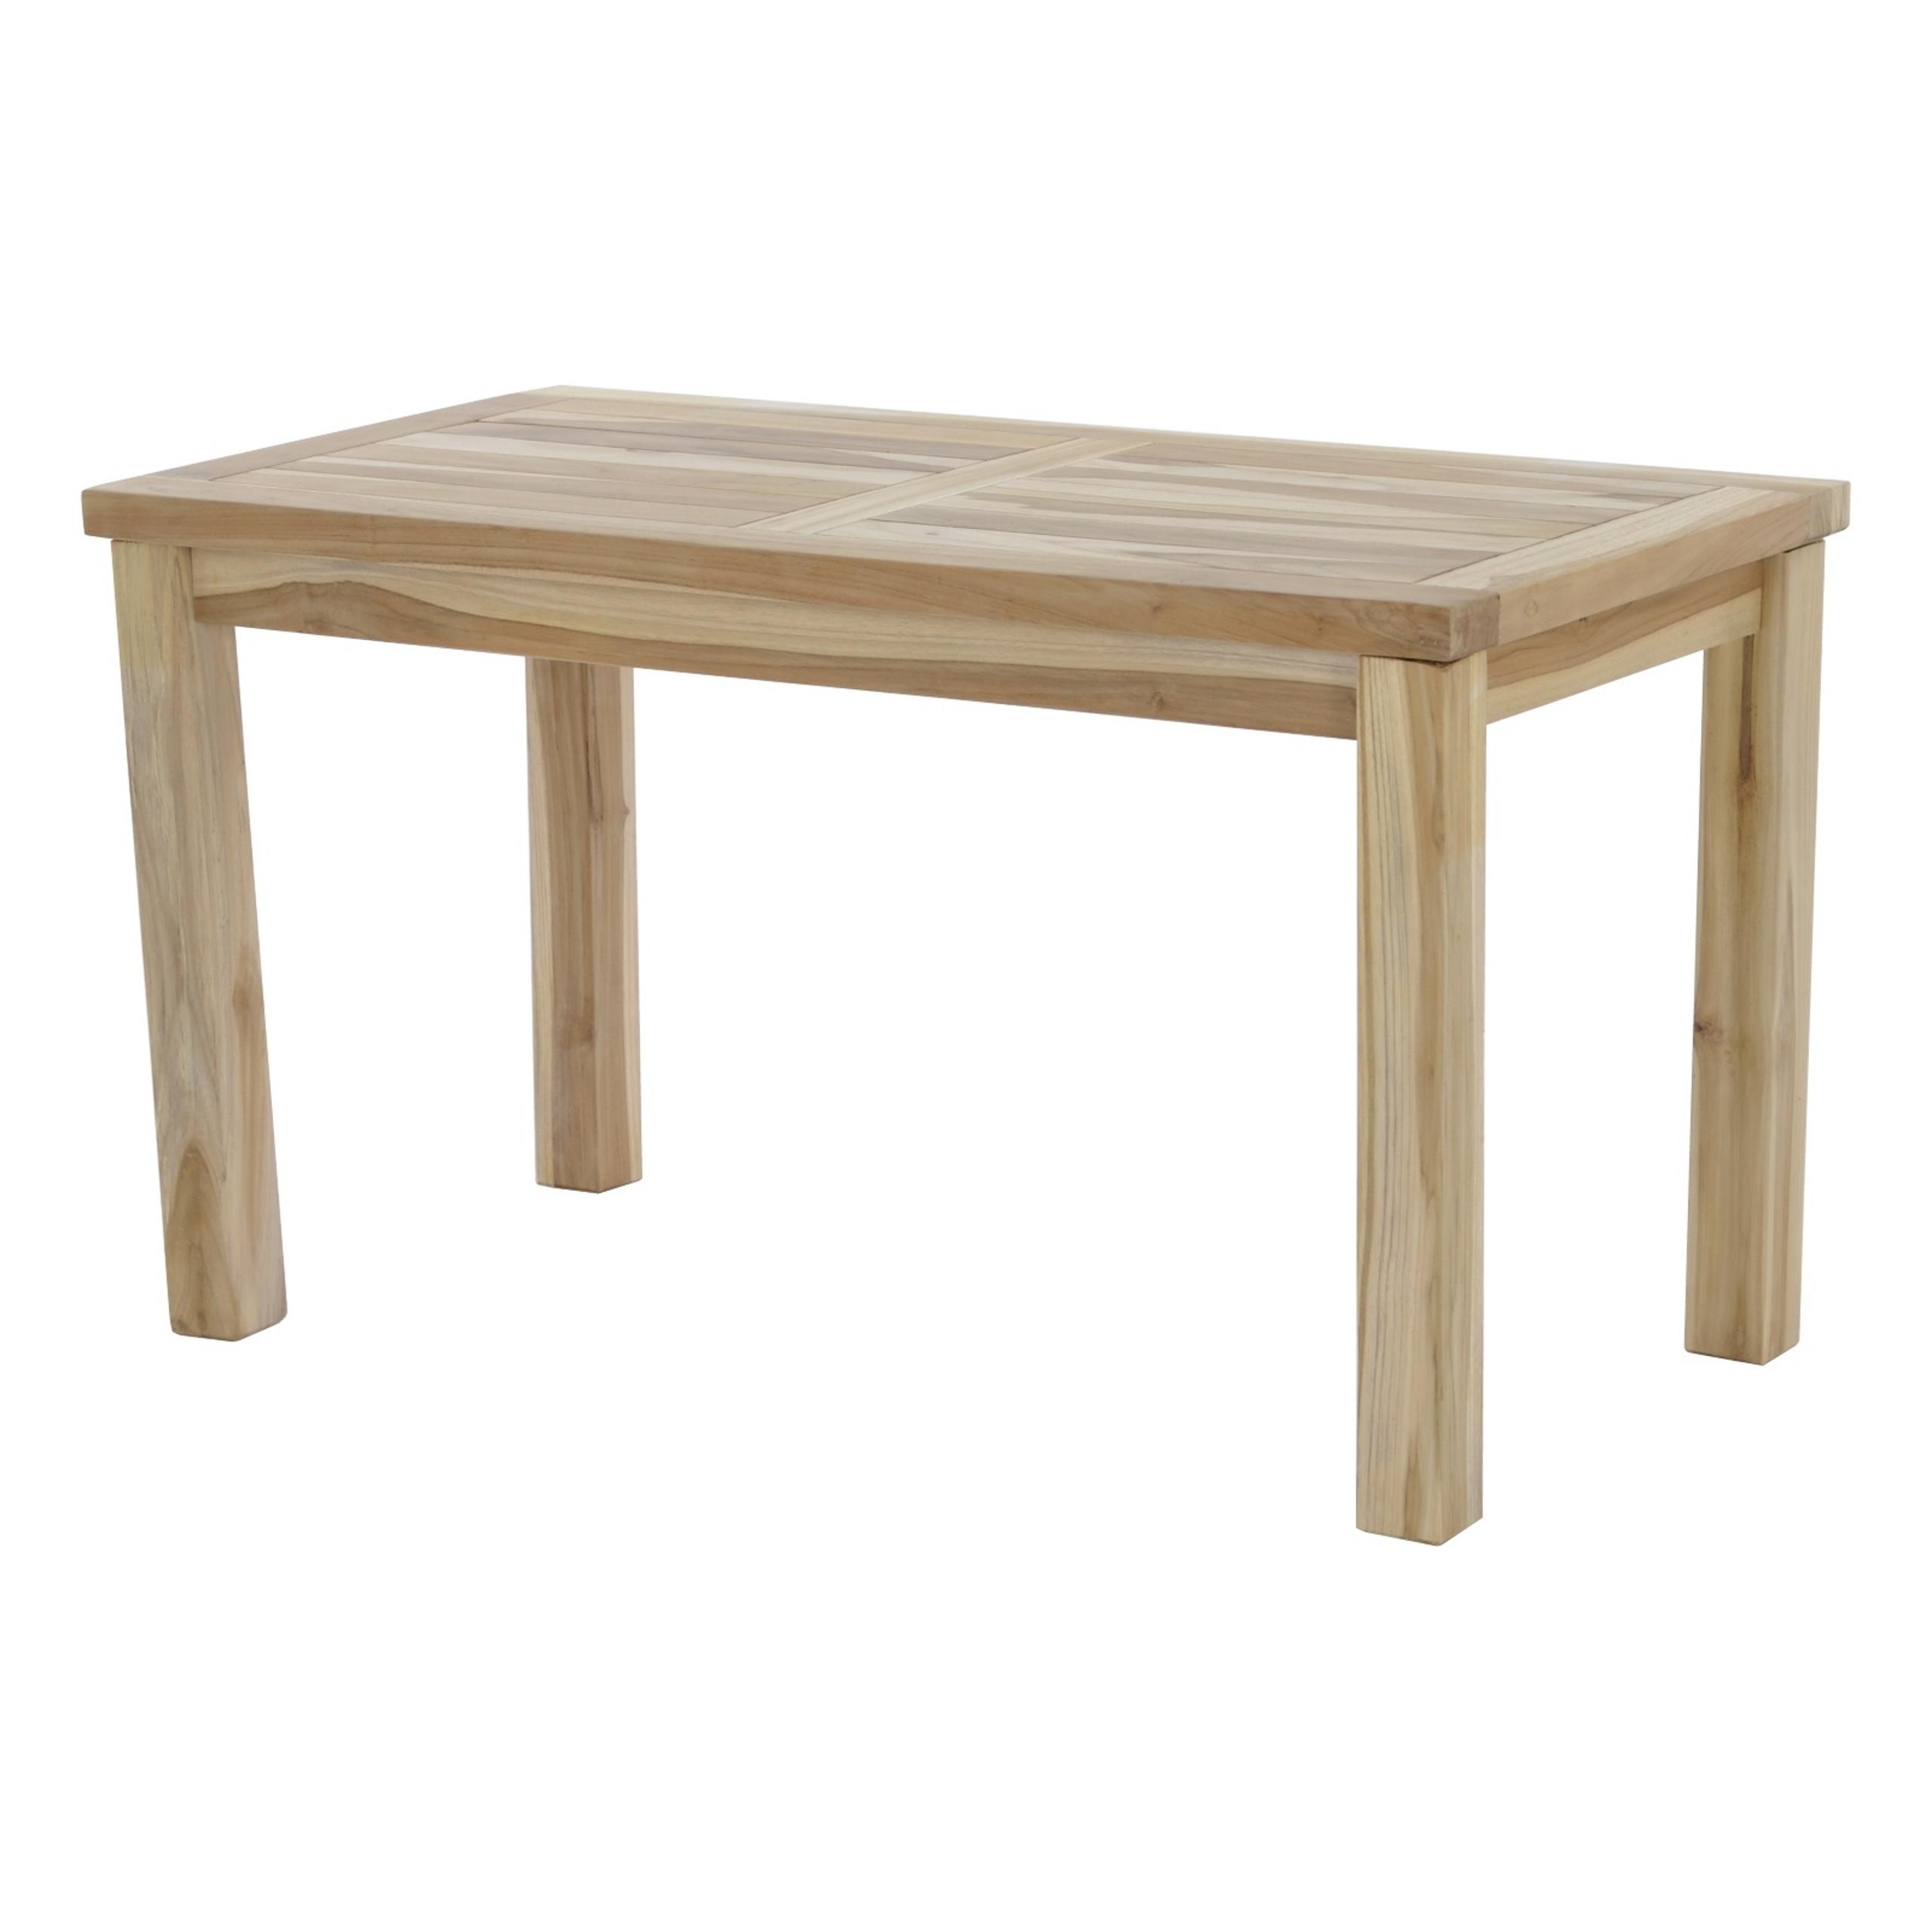 Full Size of Garten Tisch Beistelltisch Teak Holz 45x90 Cm Maco Shop Waschtische Bad Feuerstelle Hängesessel Mein Schöner Abo Esstisch Rustikal Spaten Kaufen Quadratisch Garten Garten Tisch